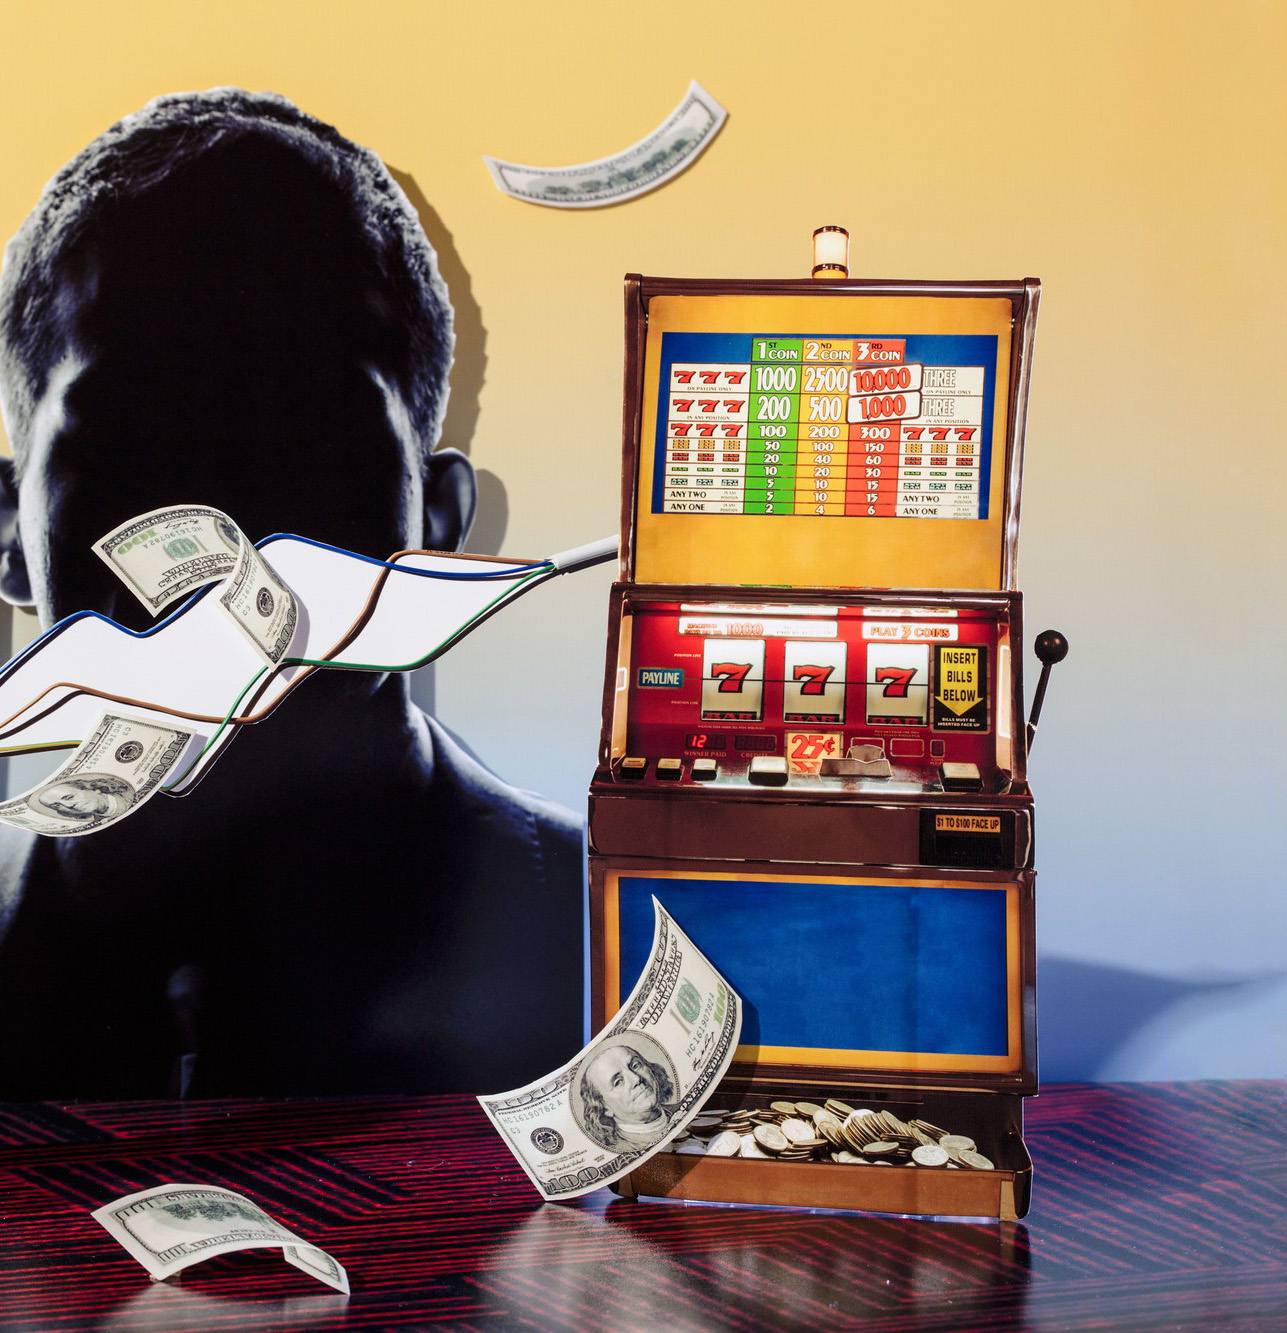 Взломы игровых автоматов бонус при регистрации в игровых автоматах без депозита 2021